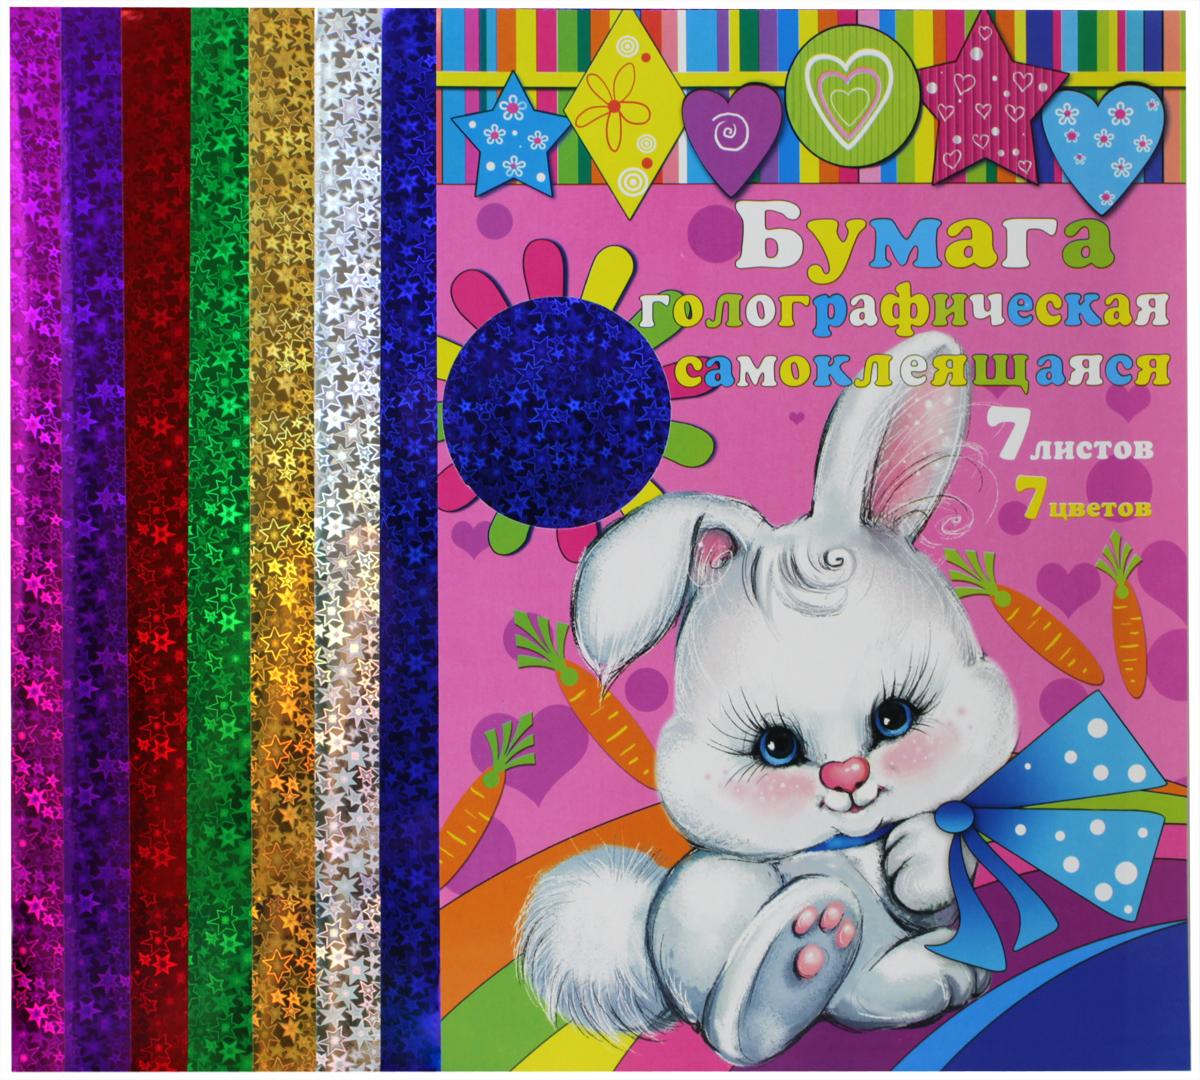 Феникс+ Цветная бумага голографическая самоклеящаяся 7 листов72523WDНабор цветной бумаги Феникс+ позволит вашему ребенку создавать всевозможные аппликации и поделки.Набор состоит из 7 листов голографической самоклеющейся бумаги. Цвета: синий, серебристый, золотистый, красный, зеленый, малиновый, фиолетовый.Создание поделок из цветной бумаги поможет ребенку в развитии творческих способностей, кроме того, это увлекательный досуг.